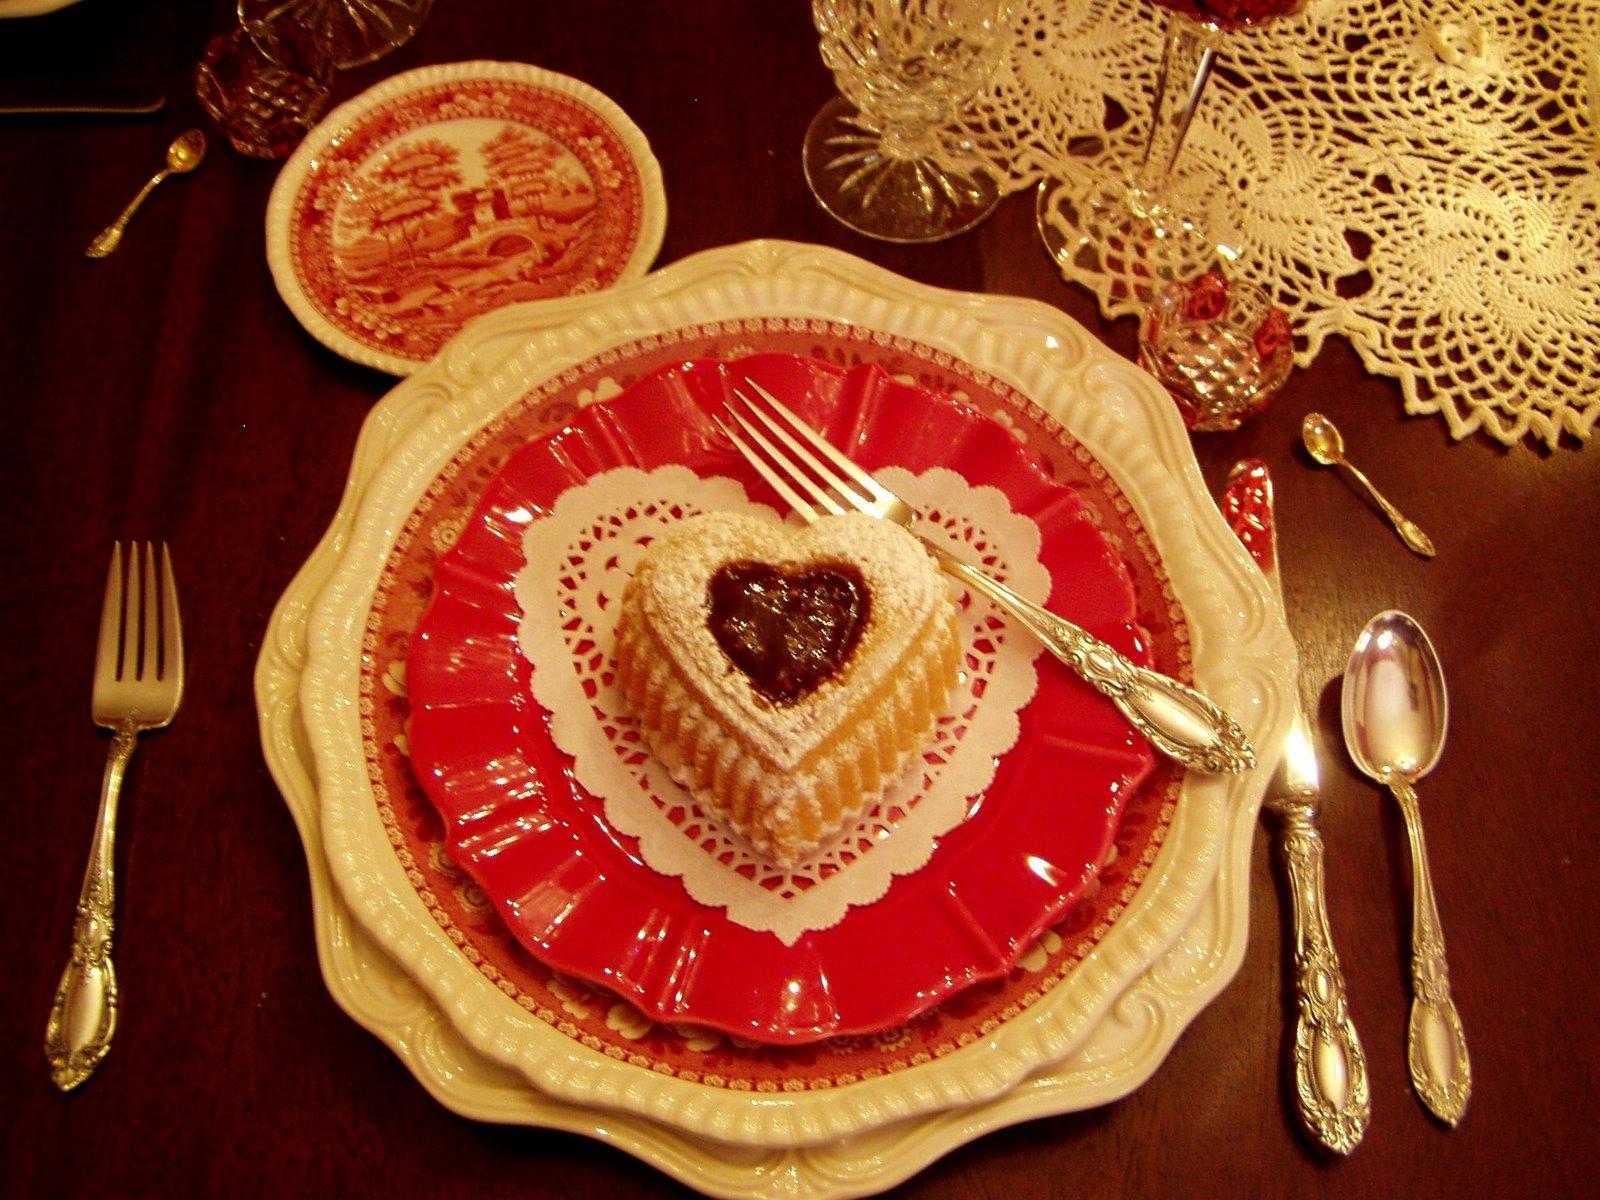 праздничная сервировка стола красивым фарфором